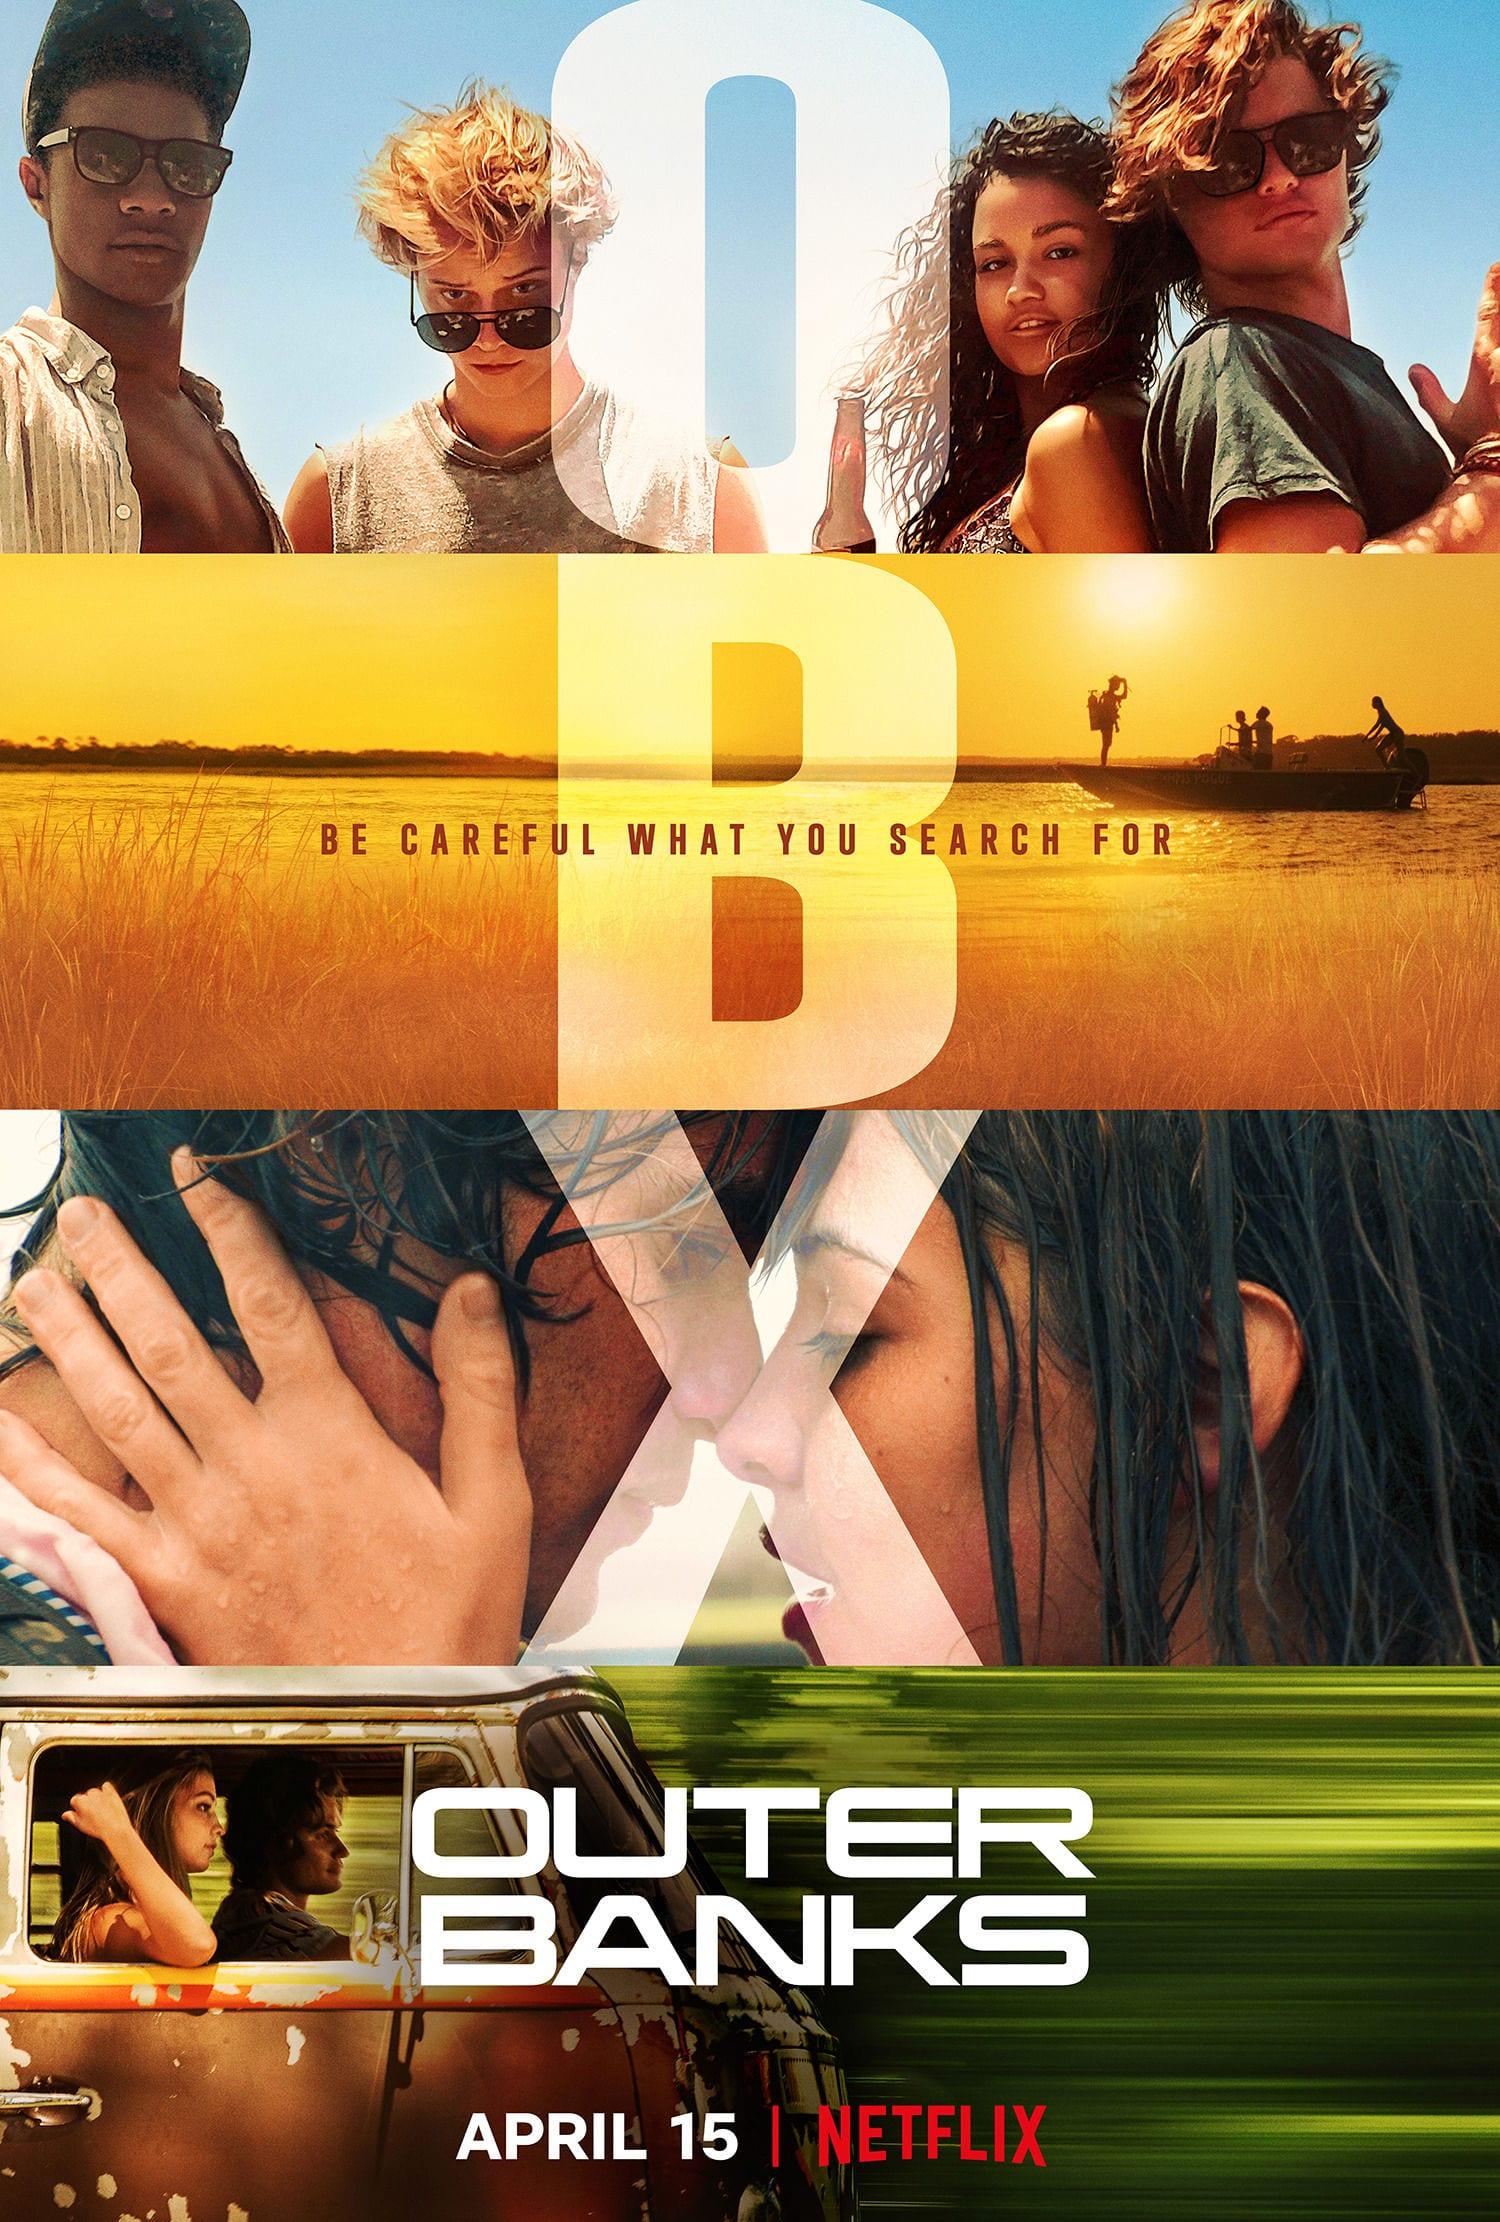 Outer Banks teaser image